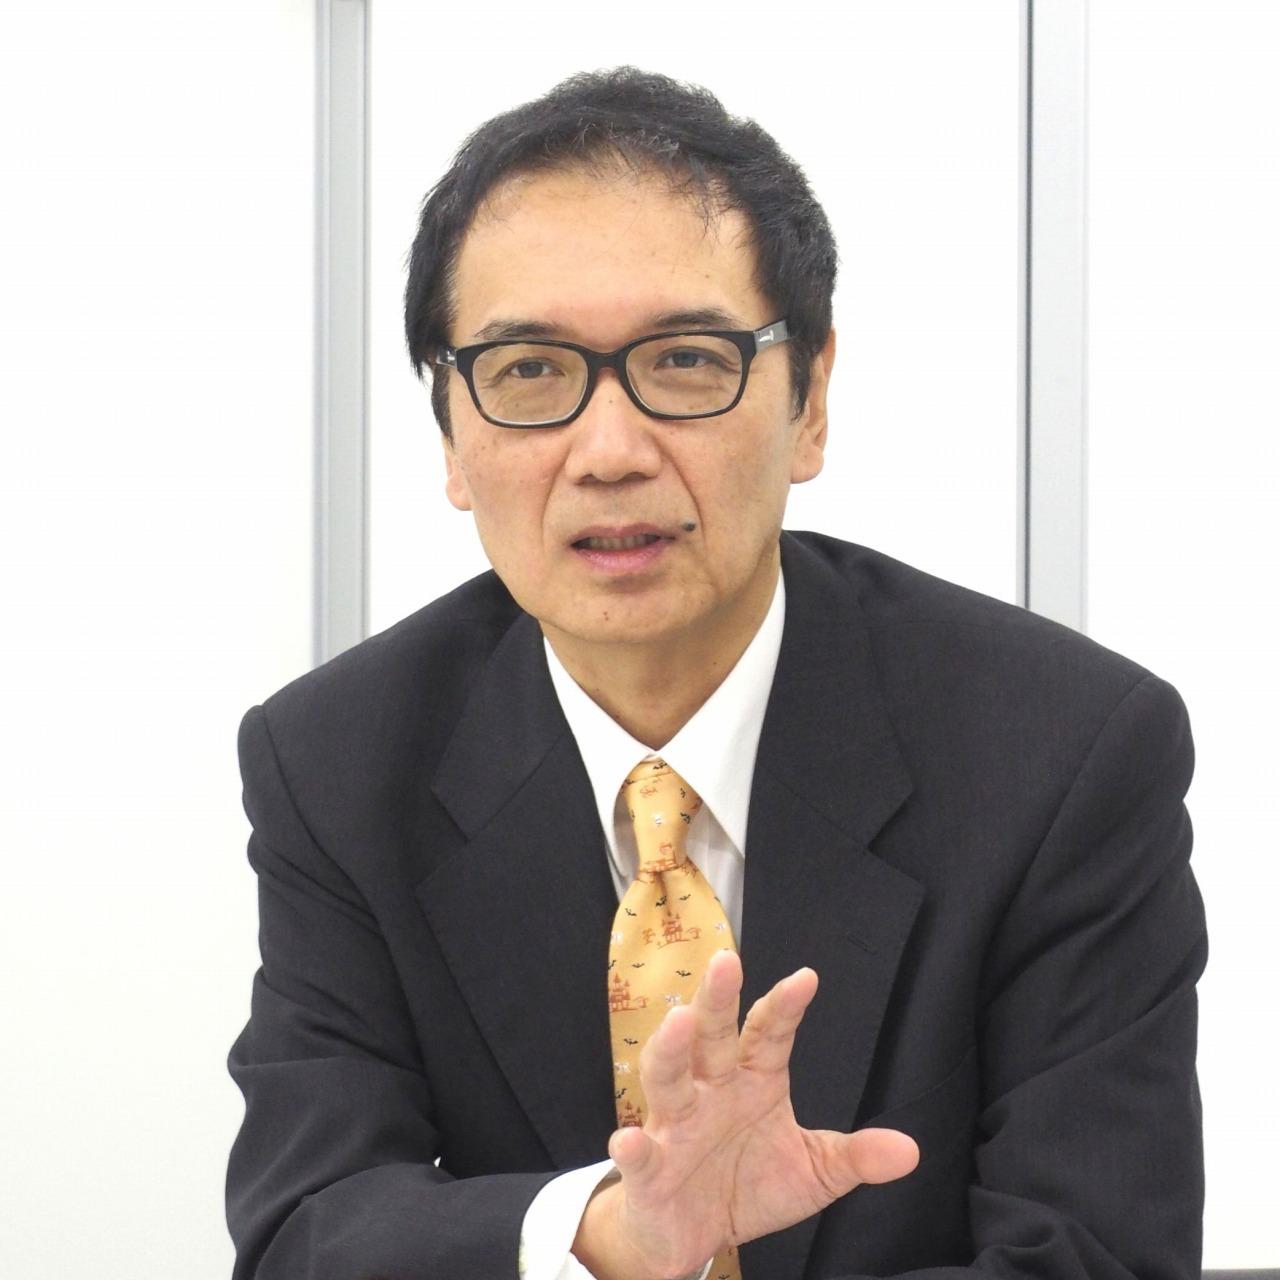 ガットコンピューター 代表取締役 宮村一明氏